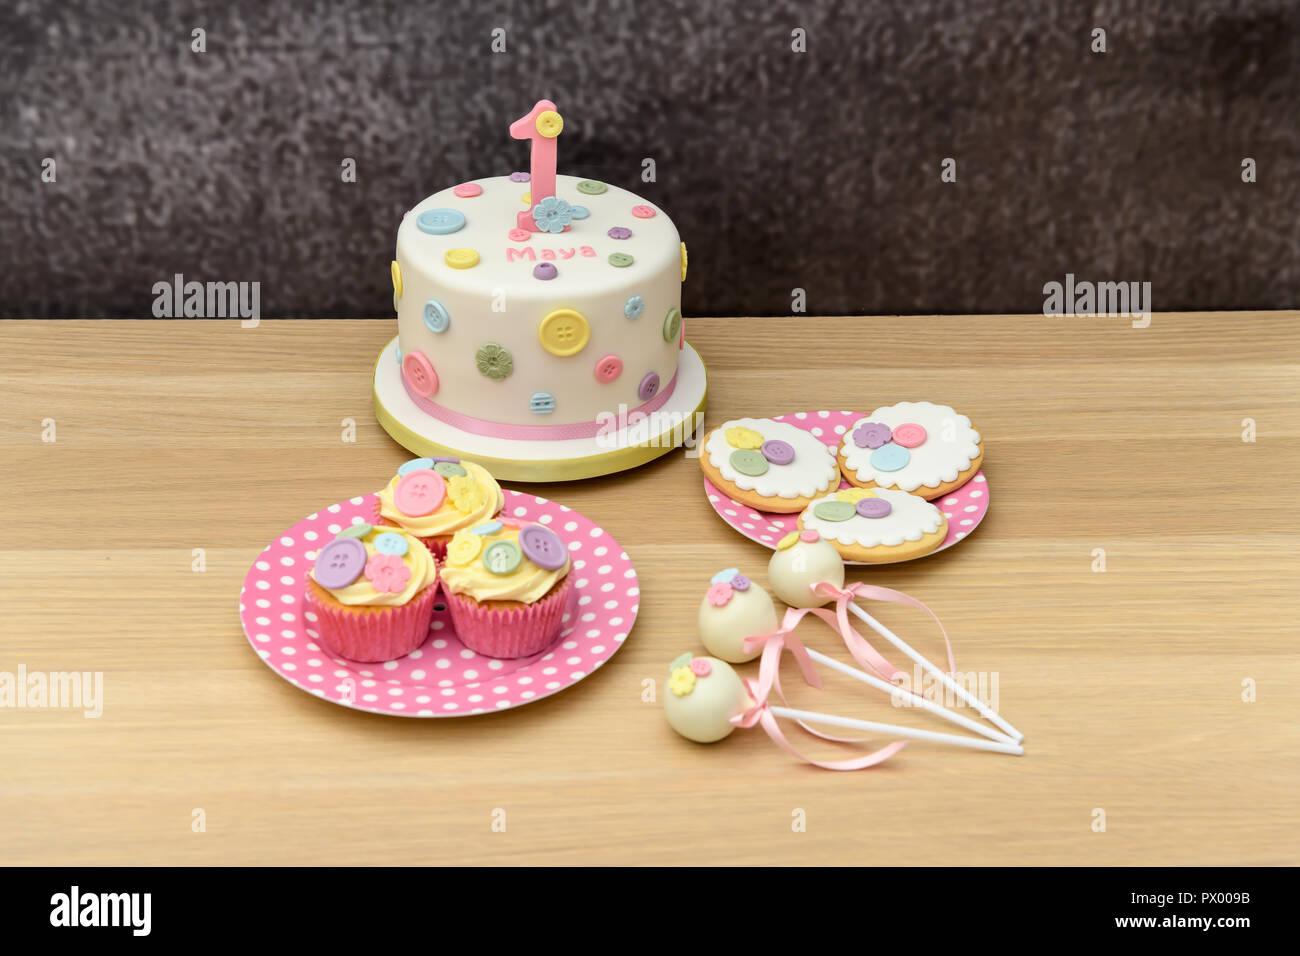 1 Geburtstag Kuchen Mit Cupcakes Cakepops Und Kekse Stockfoto